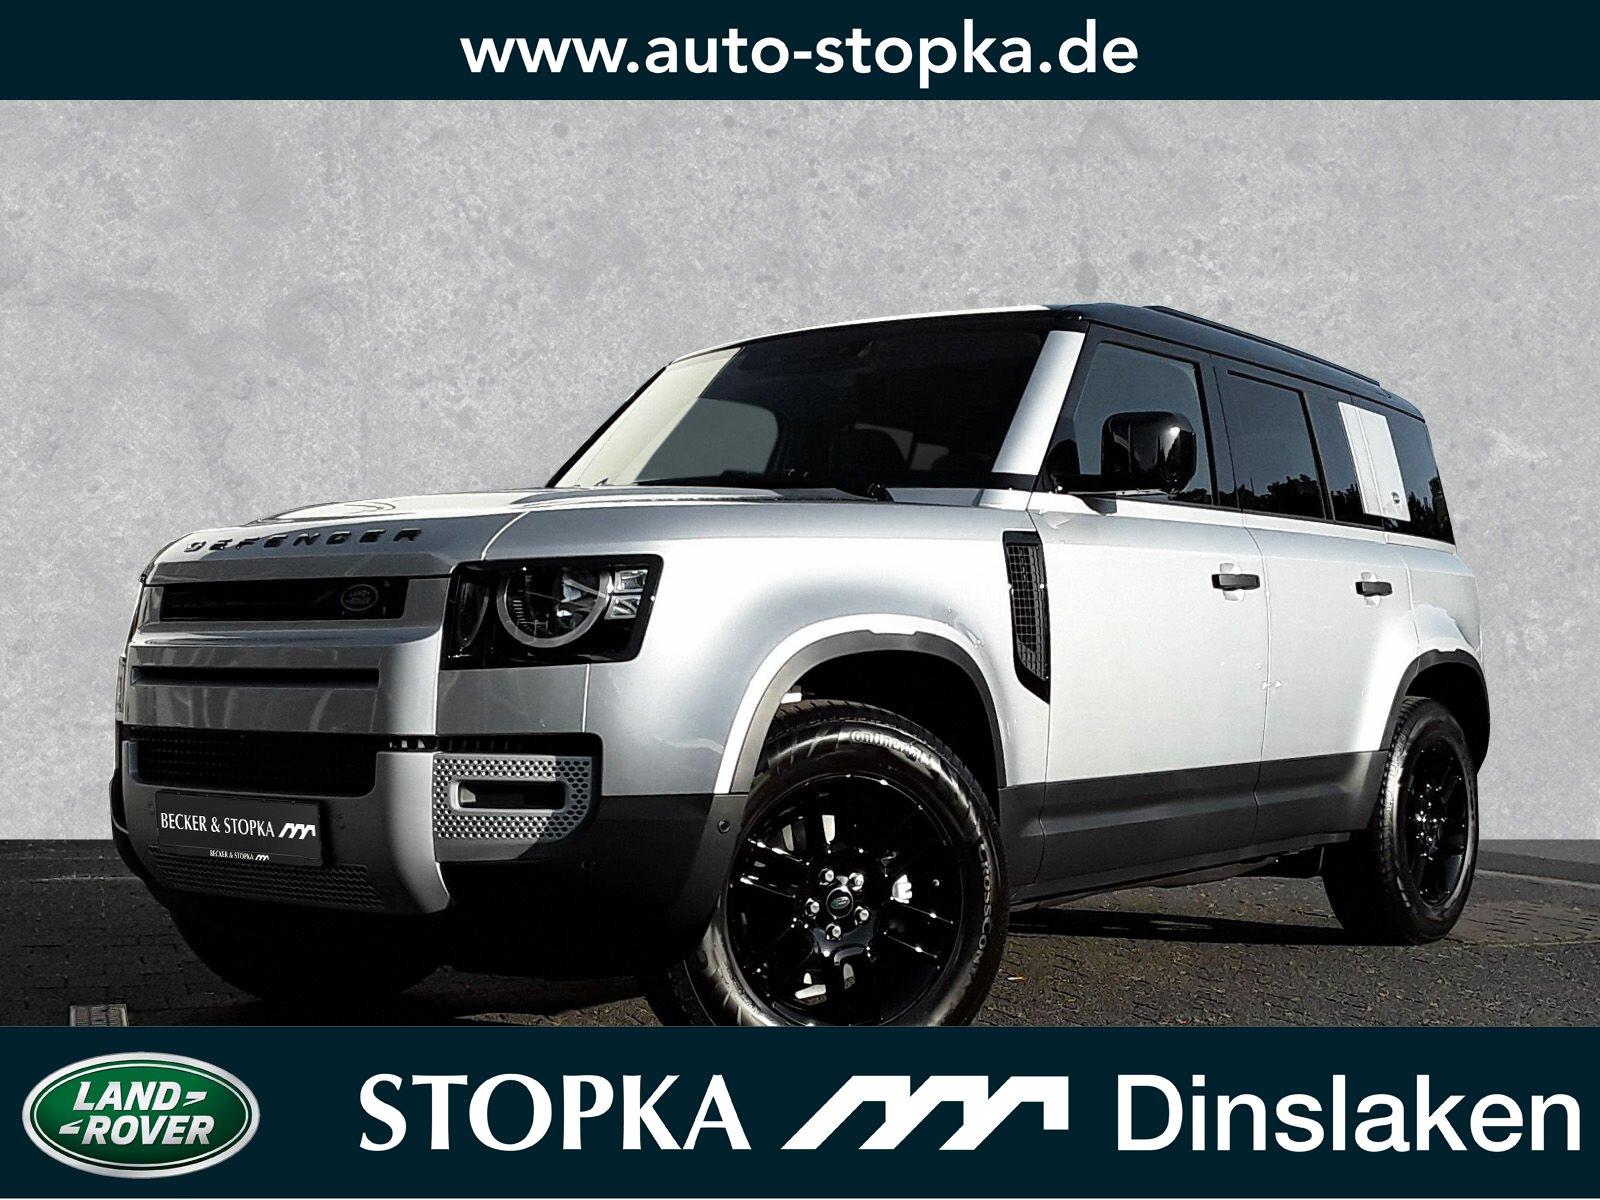 Land Rover DEFENDER 110 2.0 D240 S *Winterp*ACC*Blackp*, Jahr 2020, Diesel